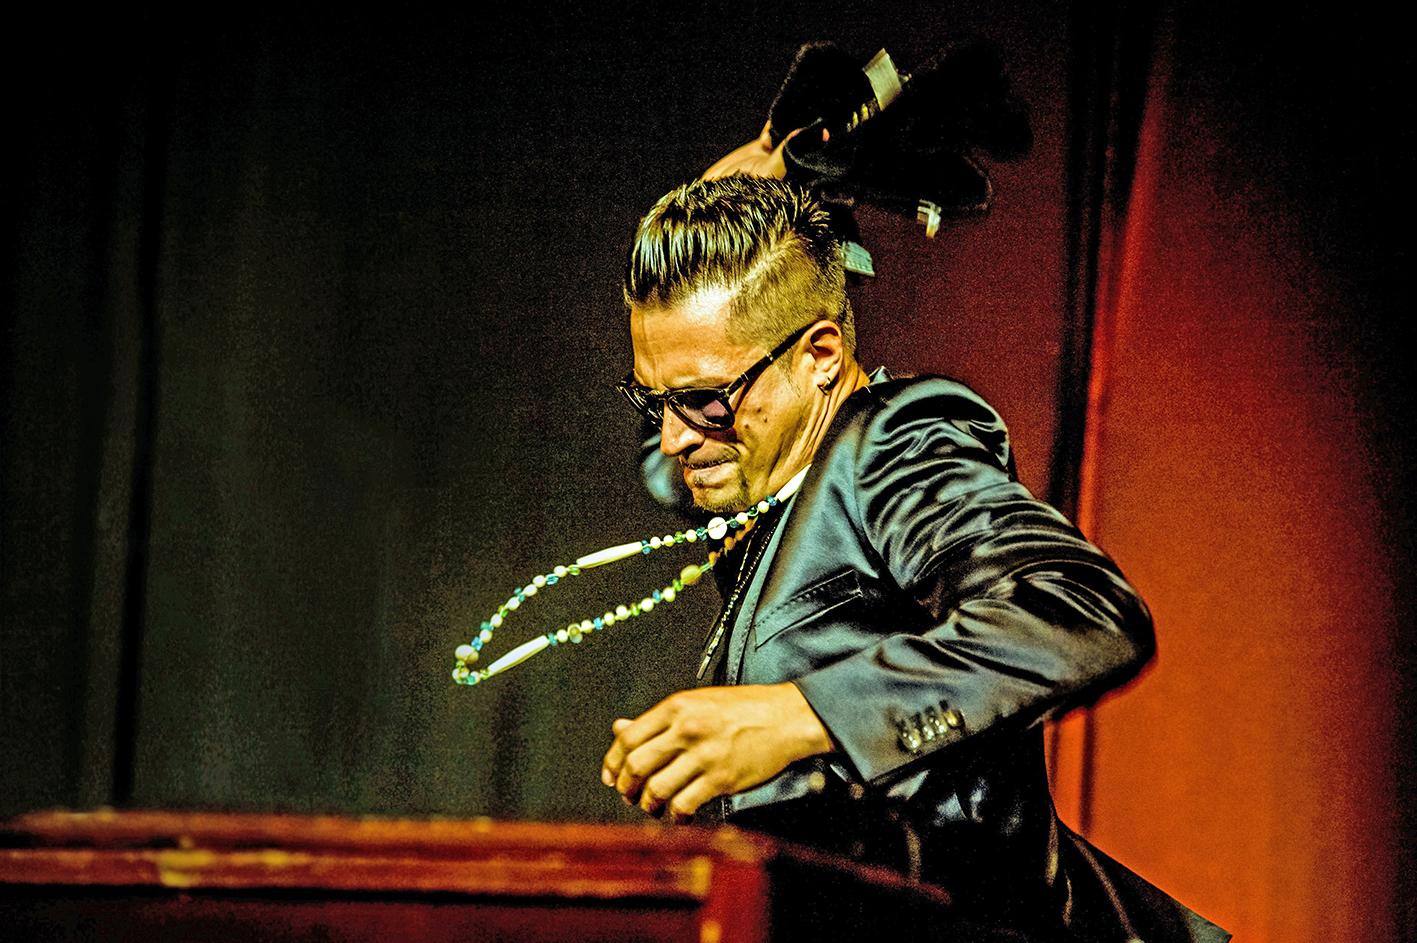 Raphael Wressnig auf der Bühne in voller Action